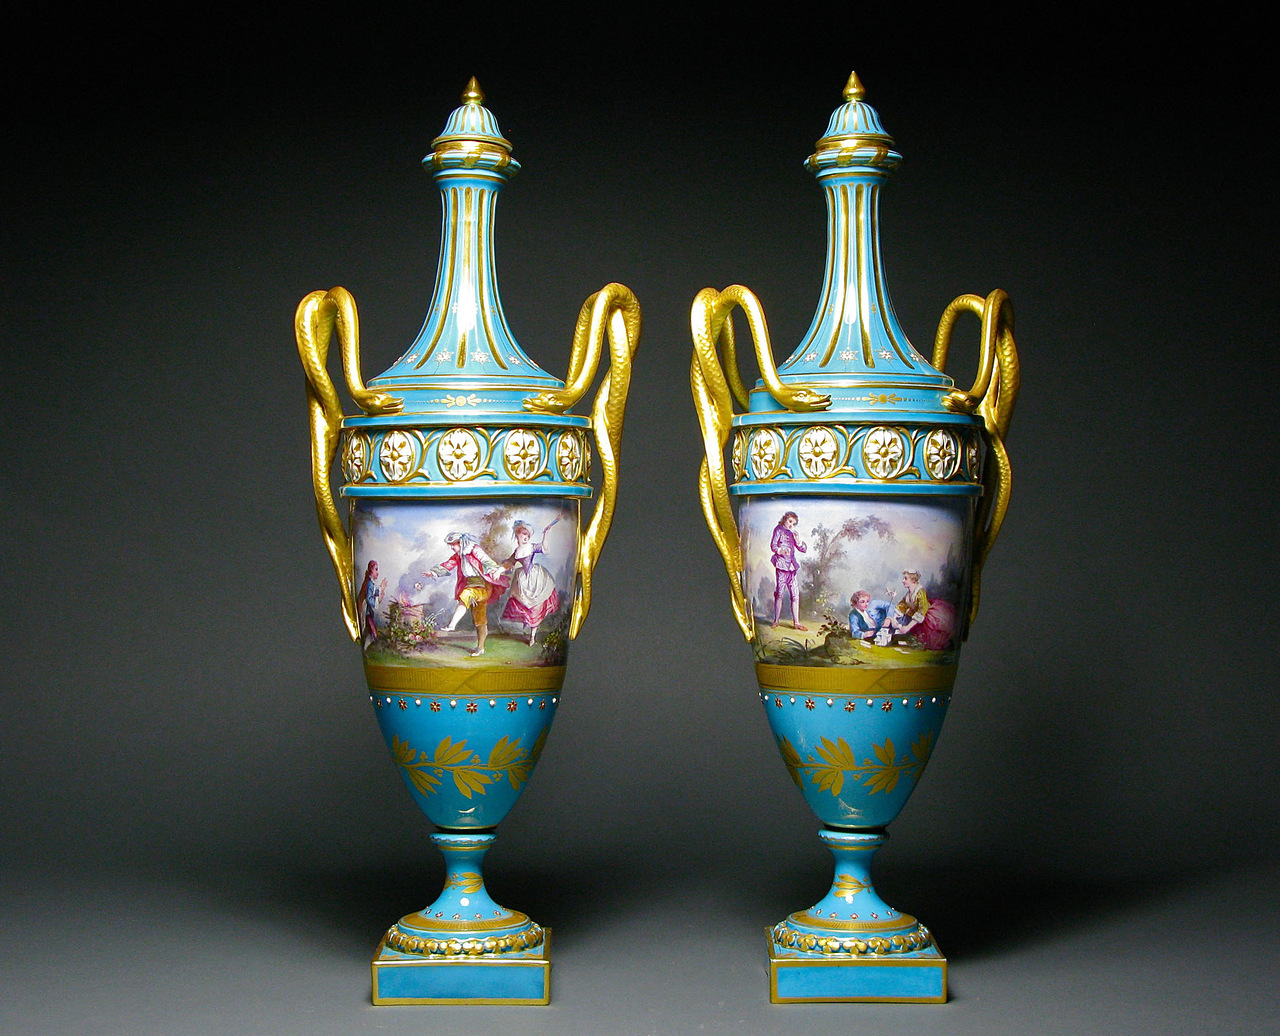 Фарфоровые декоративные напольные вазы